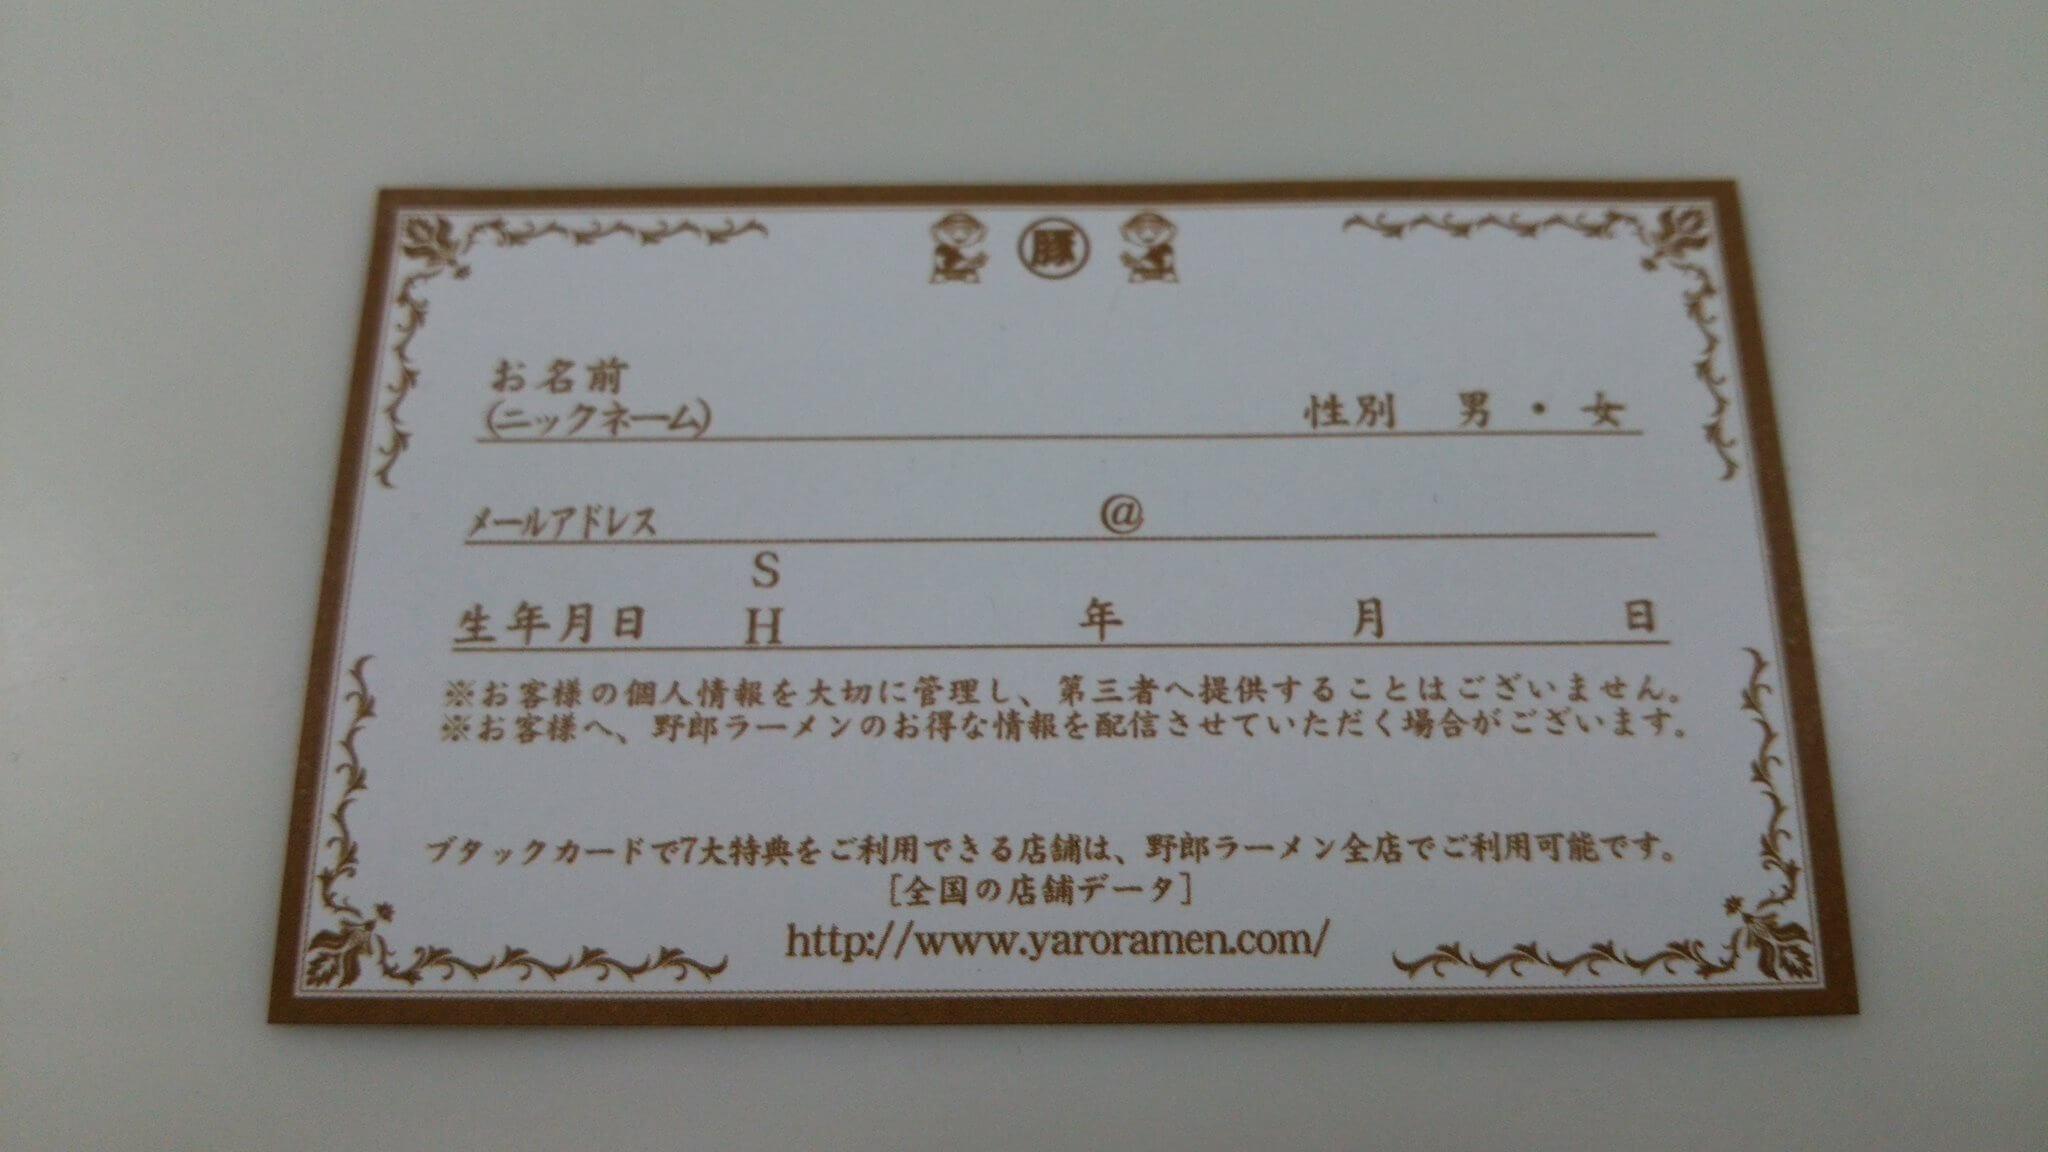 野郎ラーメン ブタックカード スタンプカード yaro_ramen Butack card (1)